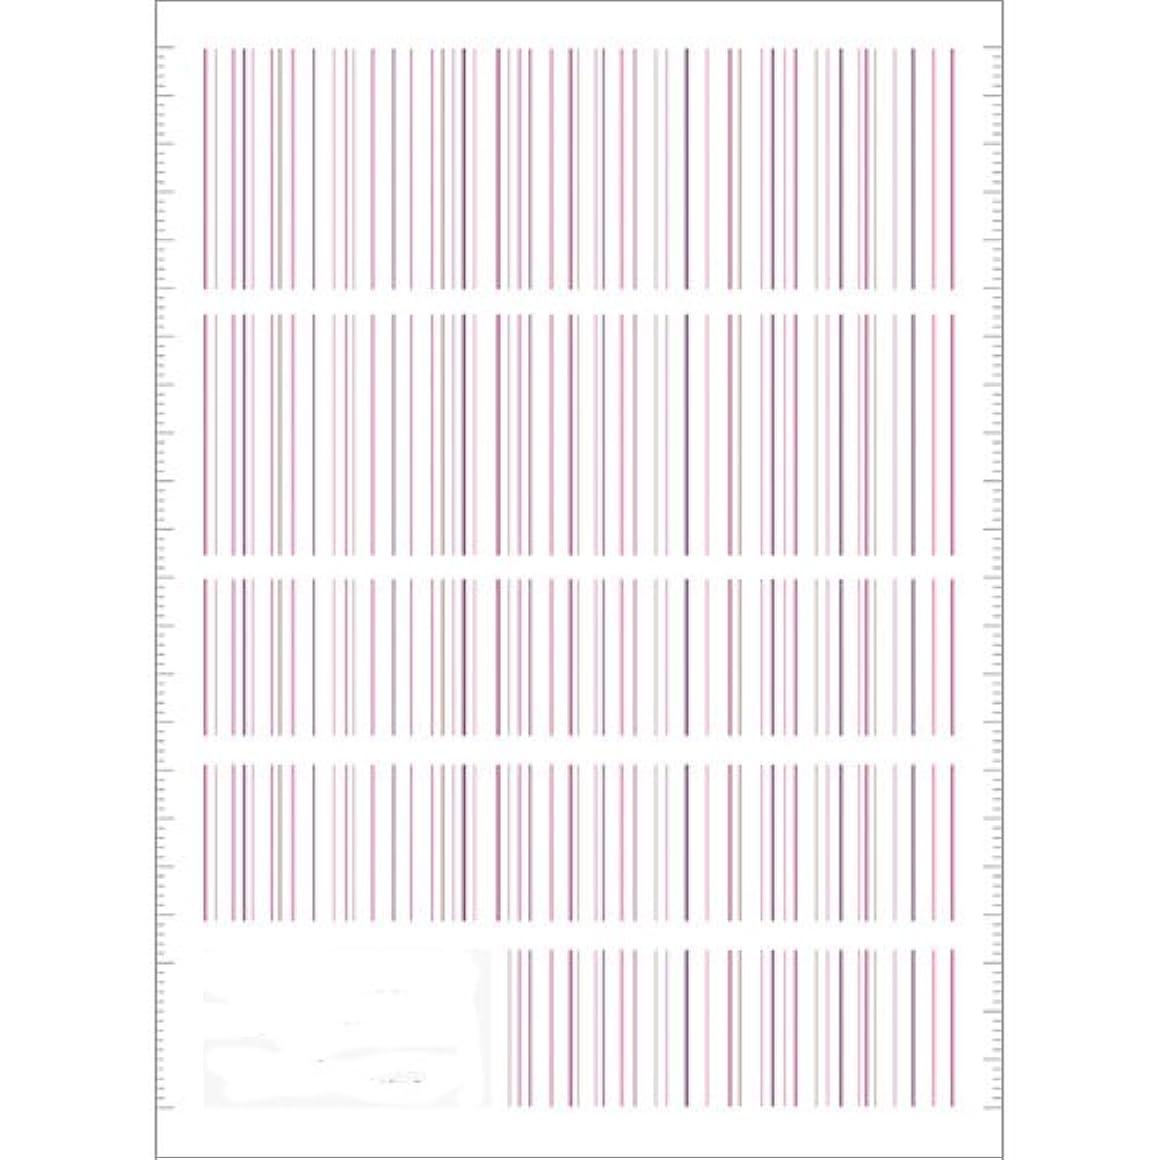 ひいきにする裁判官報酬のツメキラ(TSUMEKIRA) ネイル用シール ピンストライプ ピンク NN-PIN-104